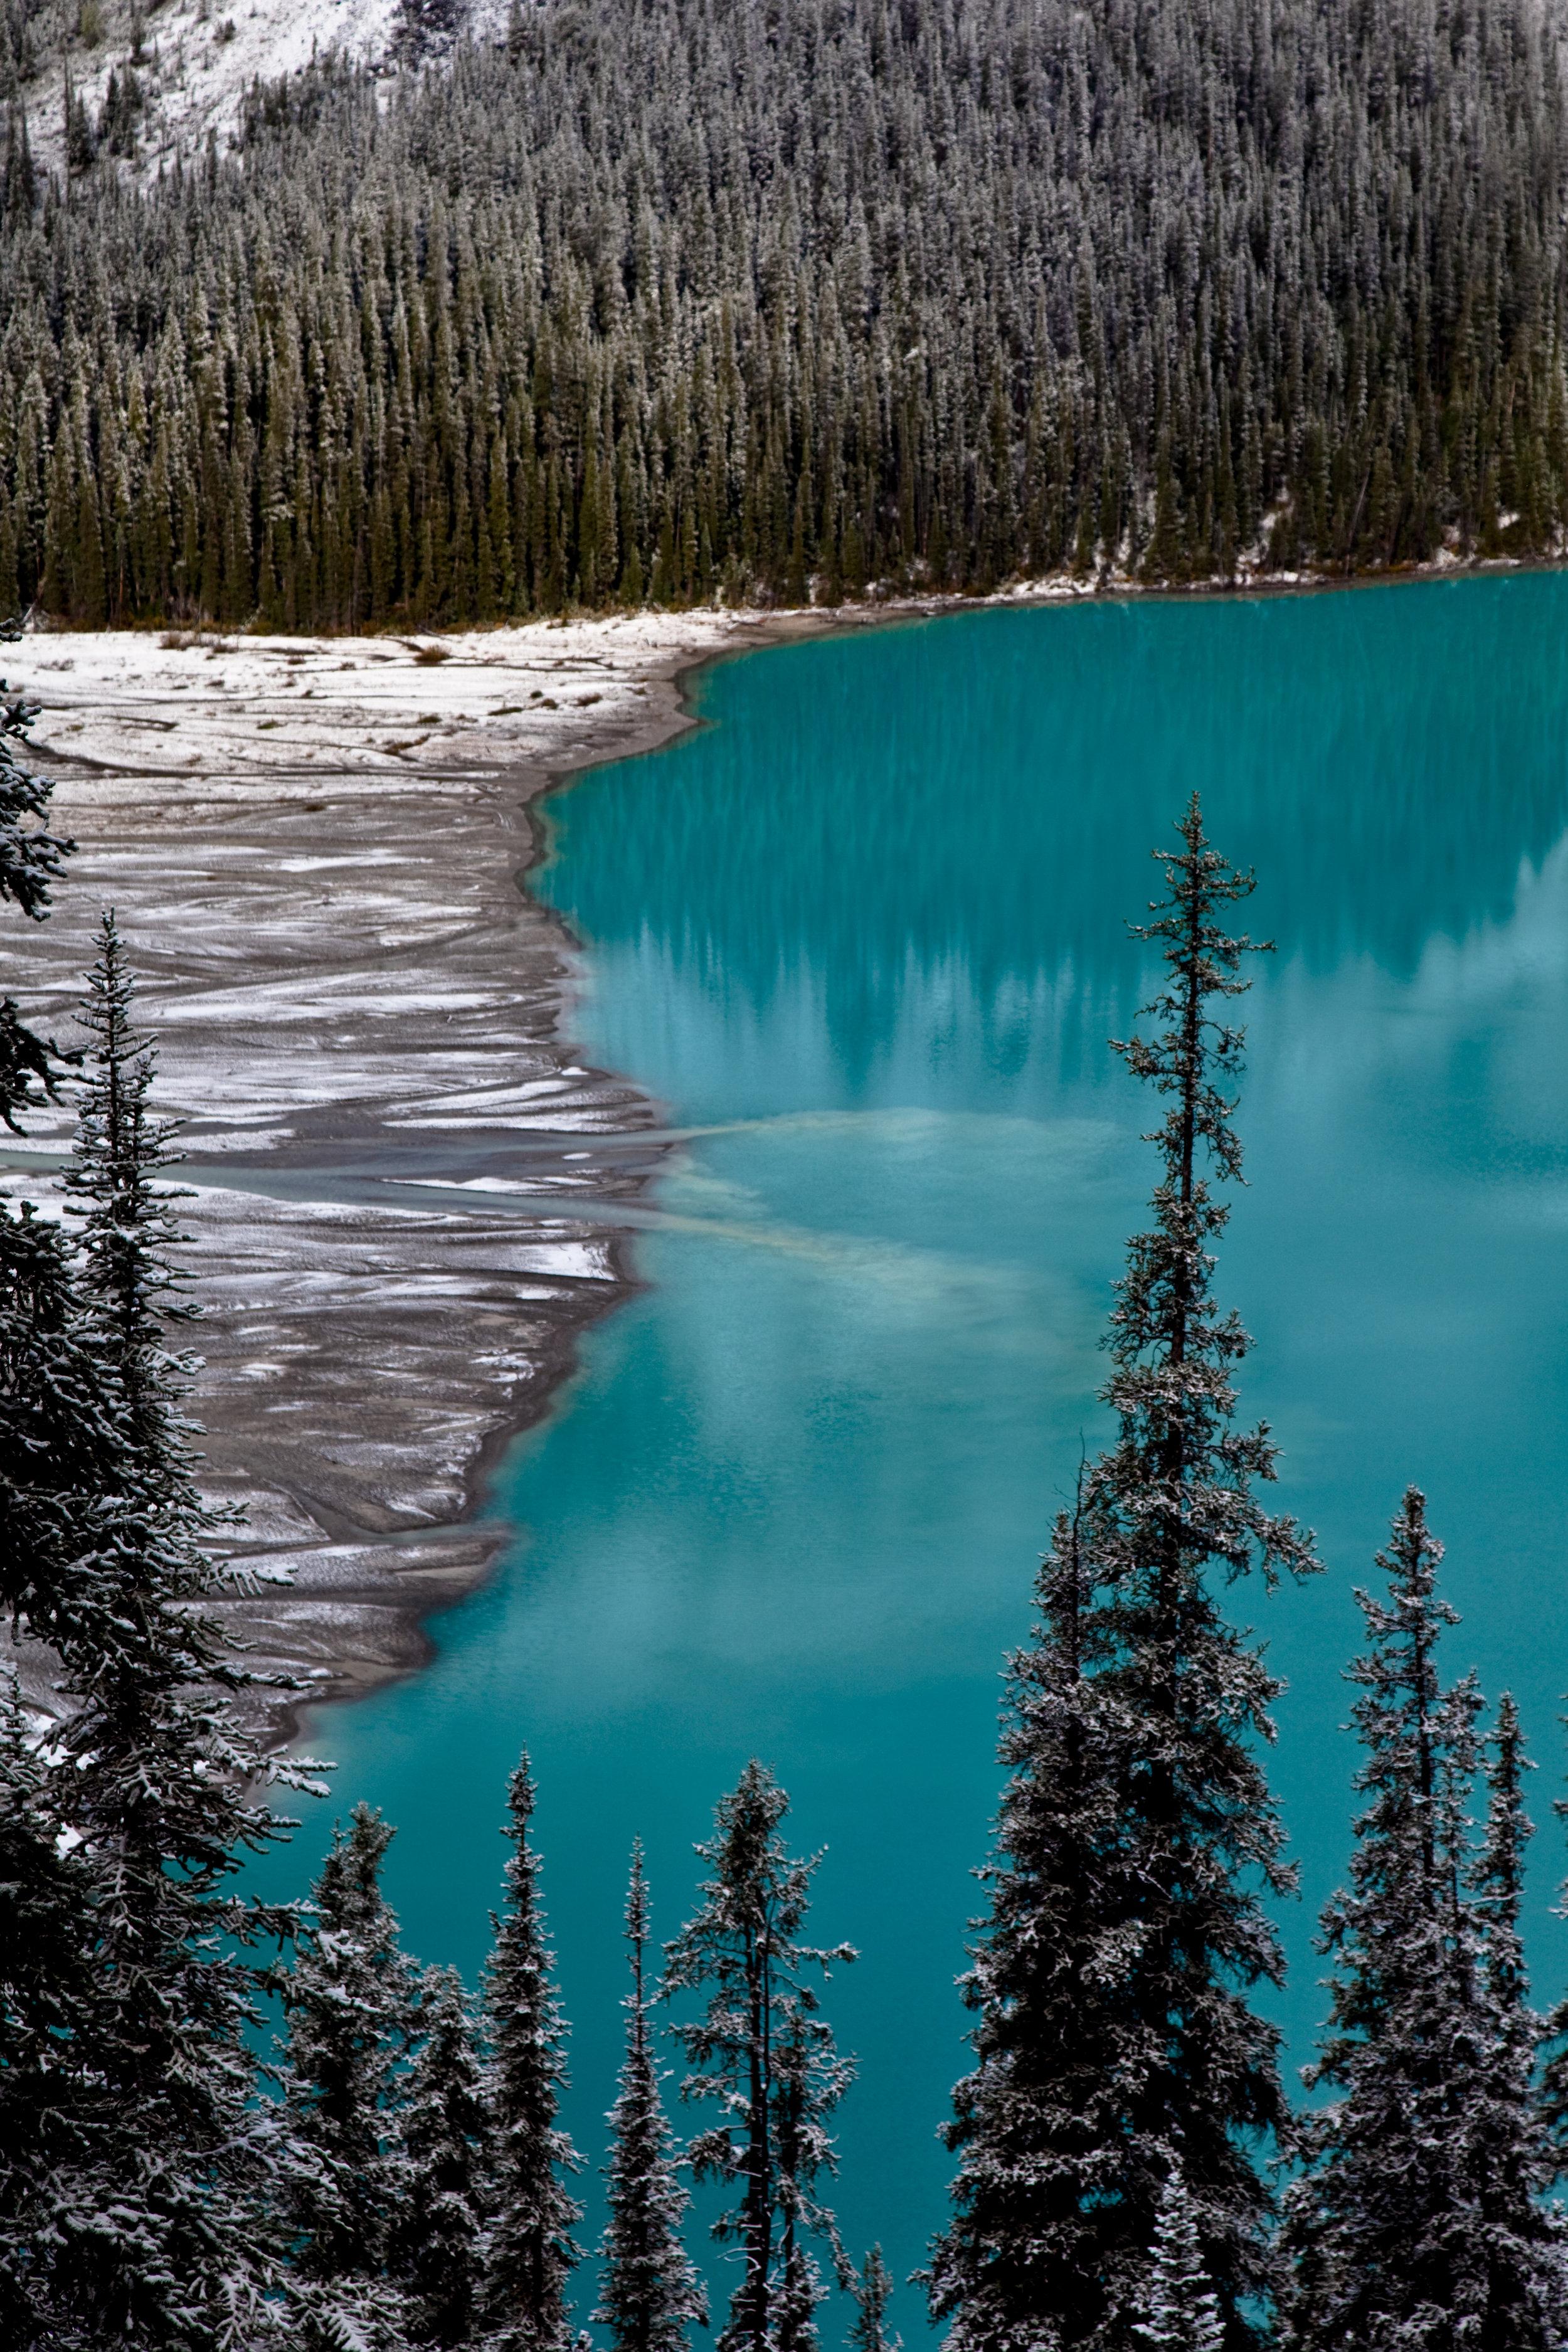 25-Glacial-Melt-and-Peyto-Lake.jpg